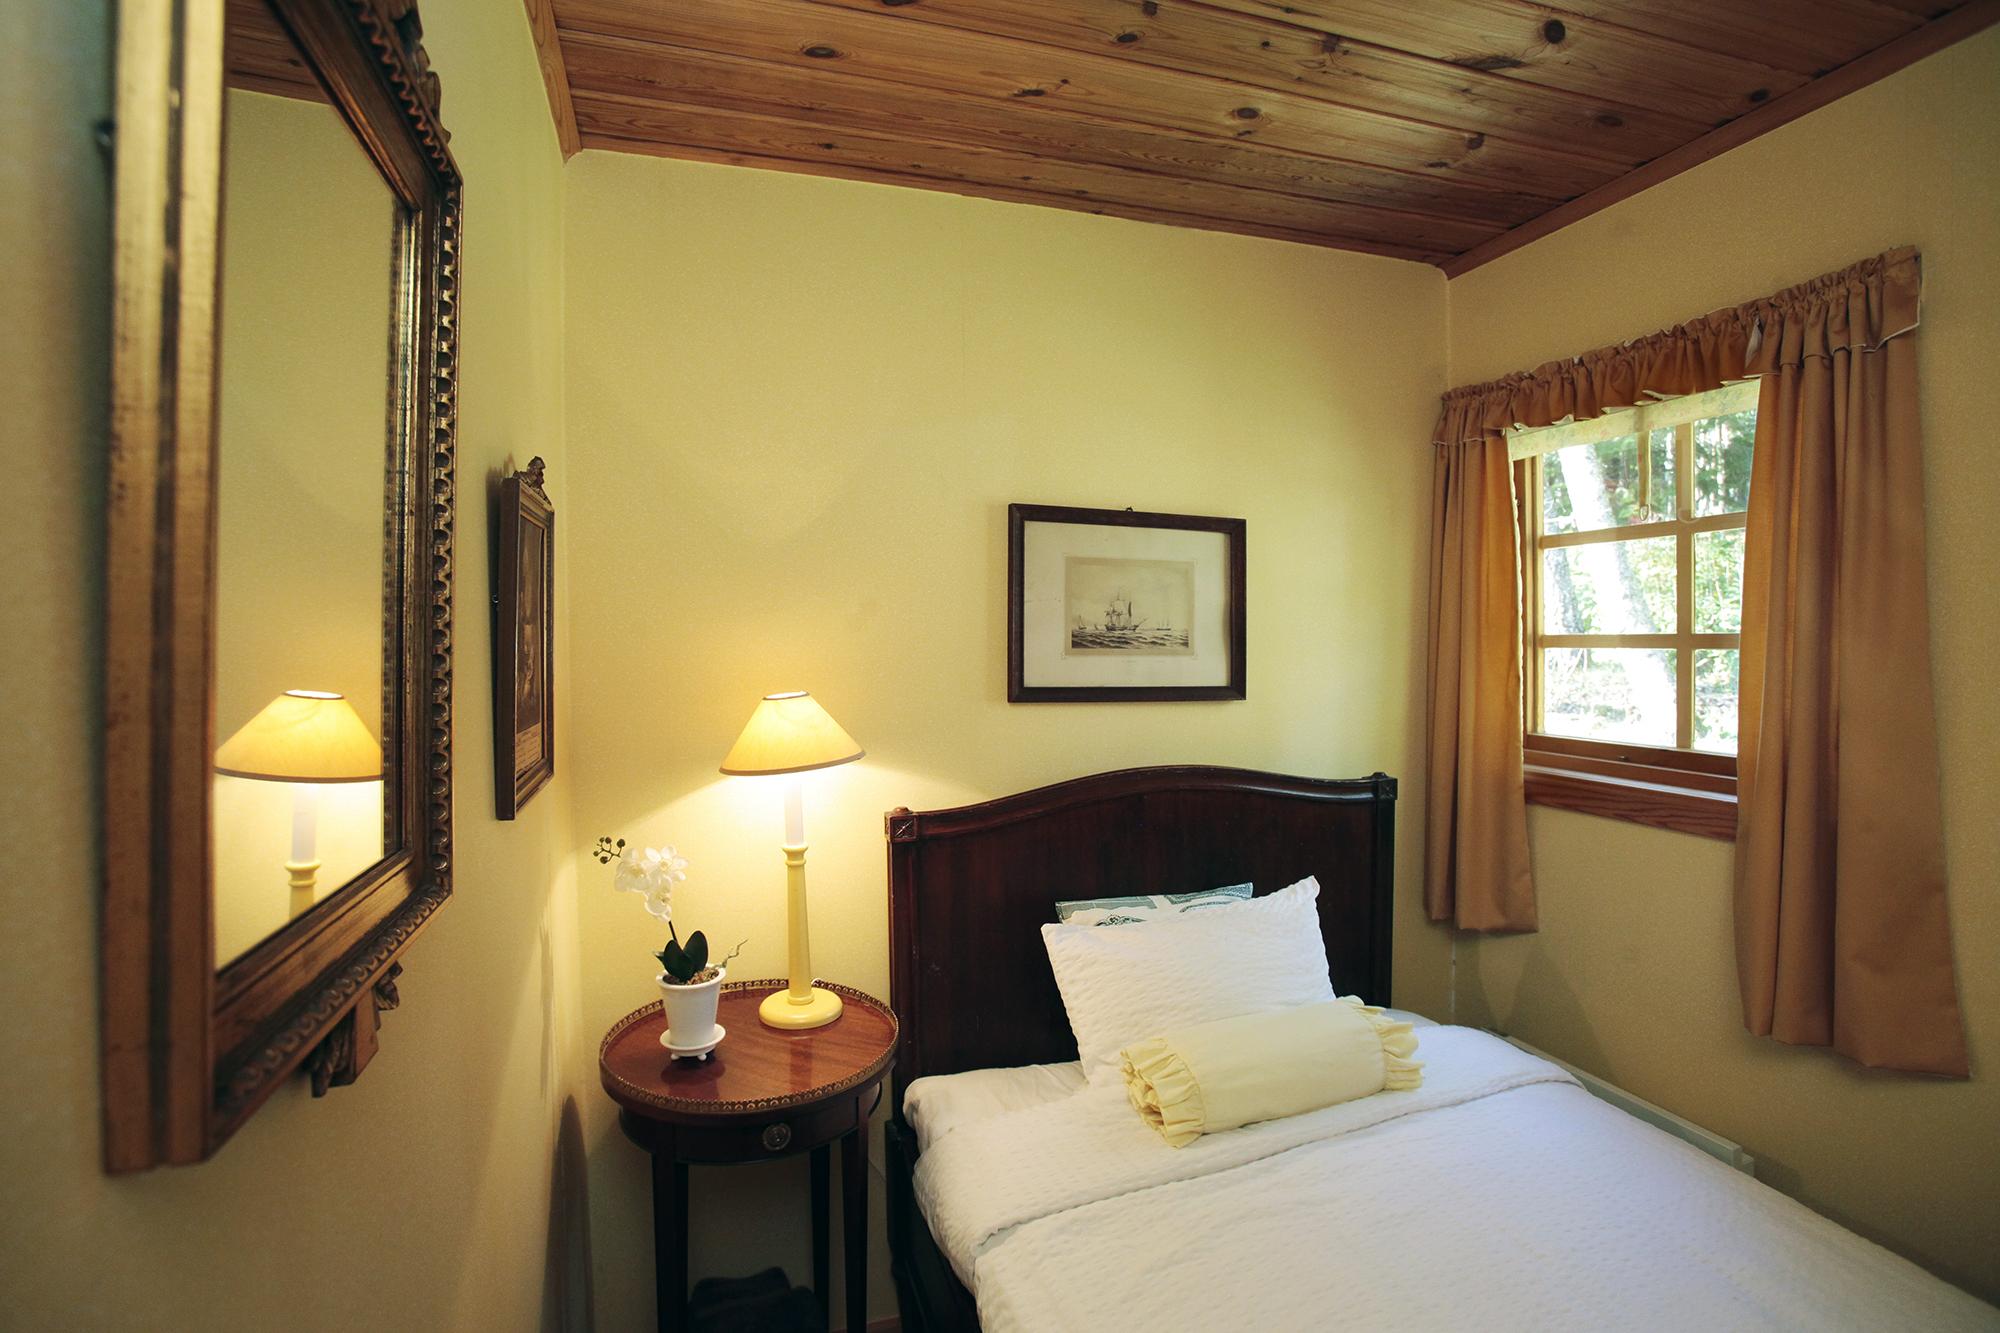 Litet sovrum med 1,2 m bred säng